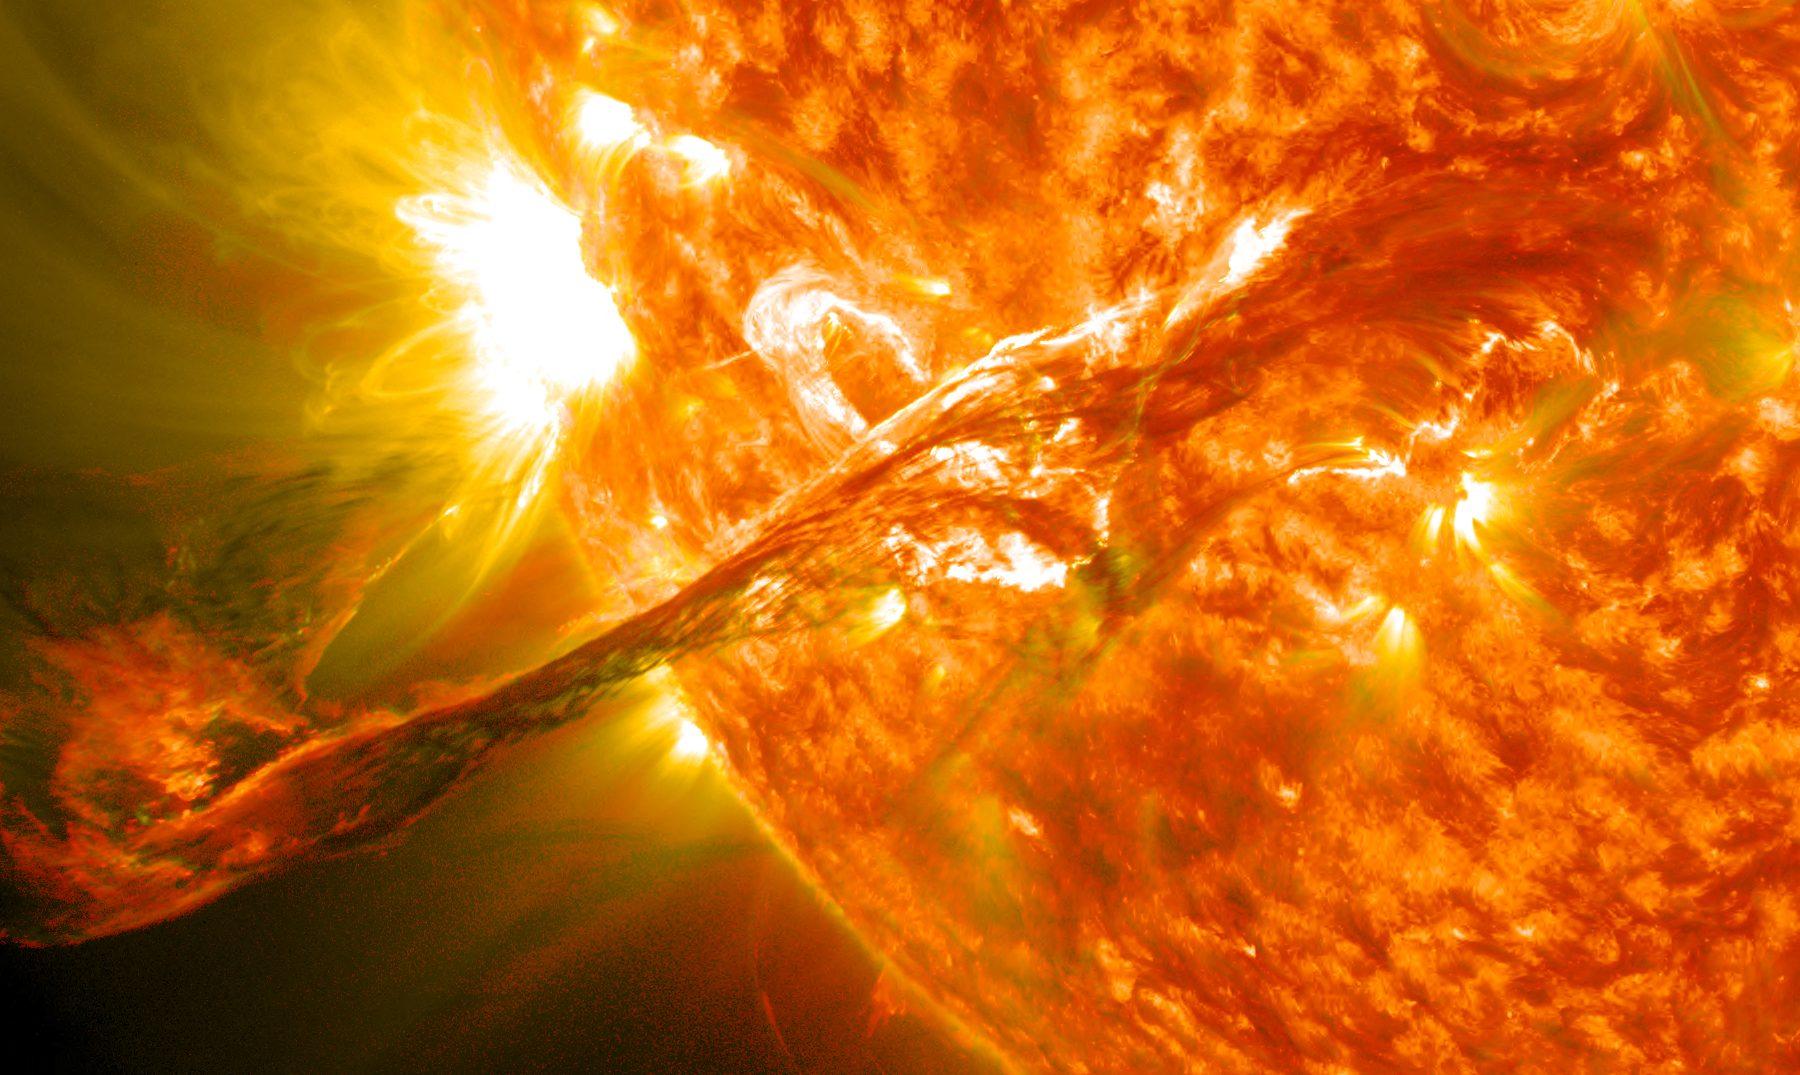 Lo que ocurrirá cuando el Sol muera